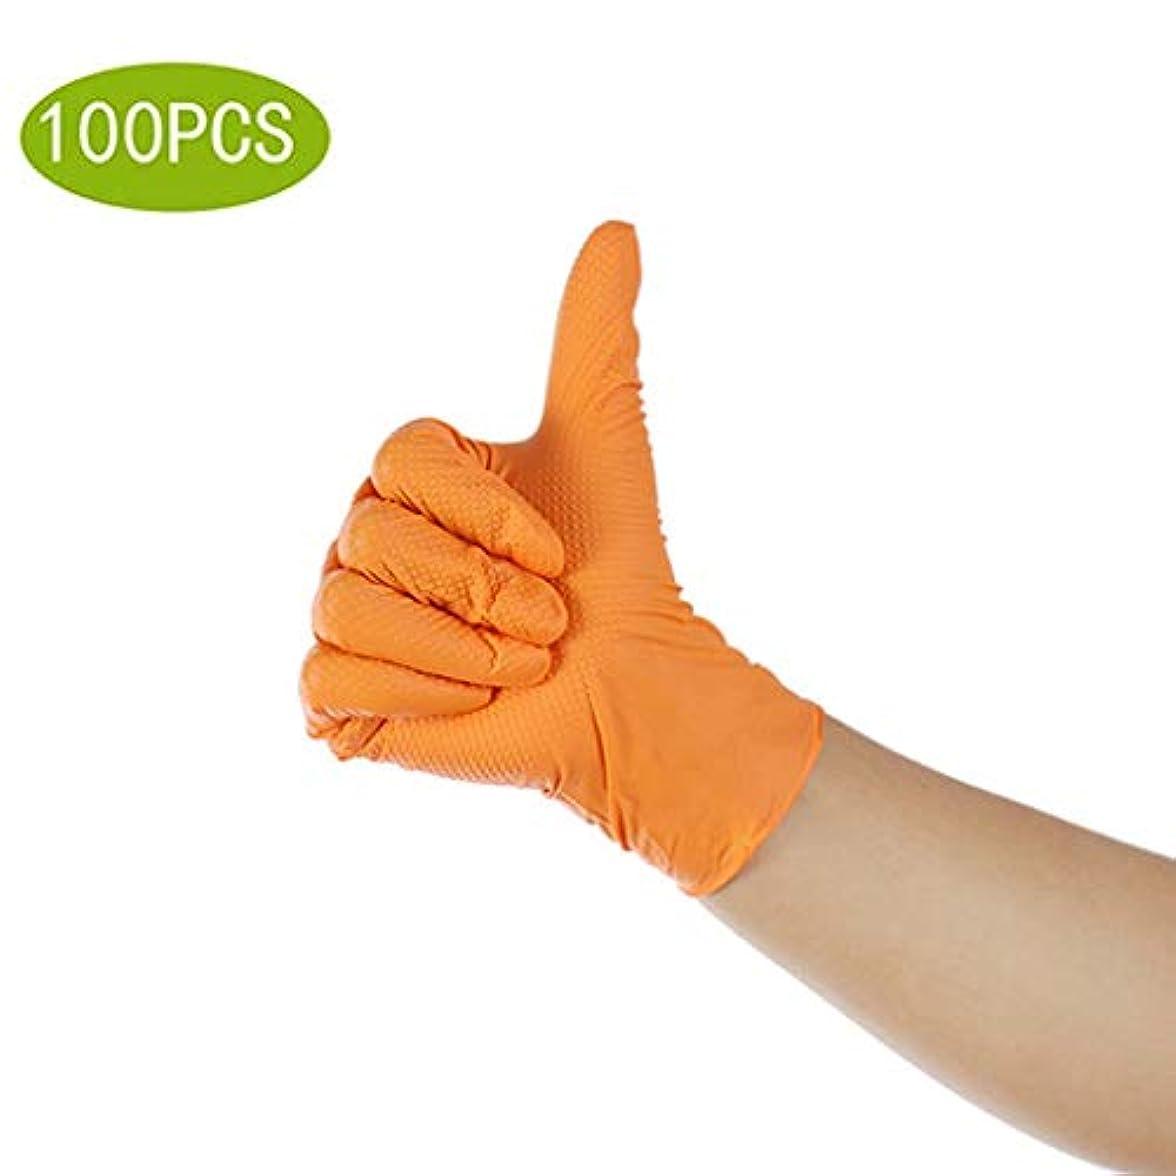 純粋な送信する卵使い捨て手袋軽量9インチパウダーフリーラテックスフリーライト作業厚手の使い捨てゴム手袋、滑り止めパームプリントグレードタトゥーメディカル試験手袋100倍 (Color : Yellow, Size : S)